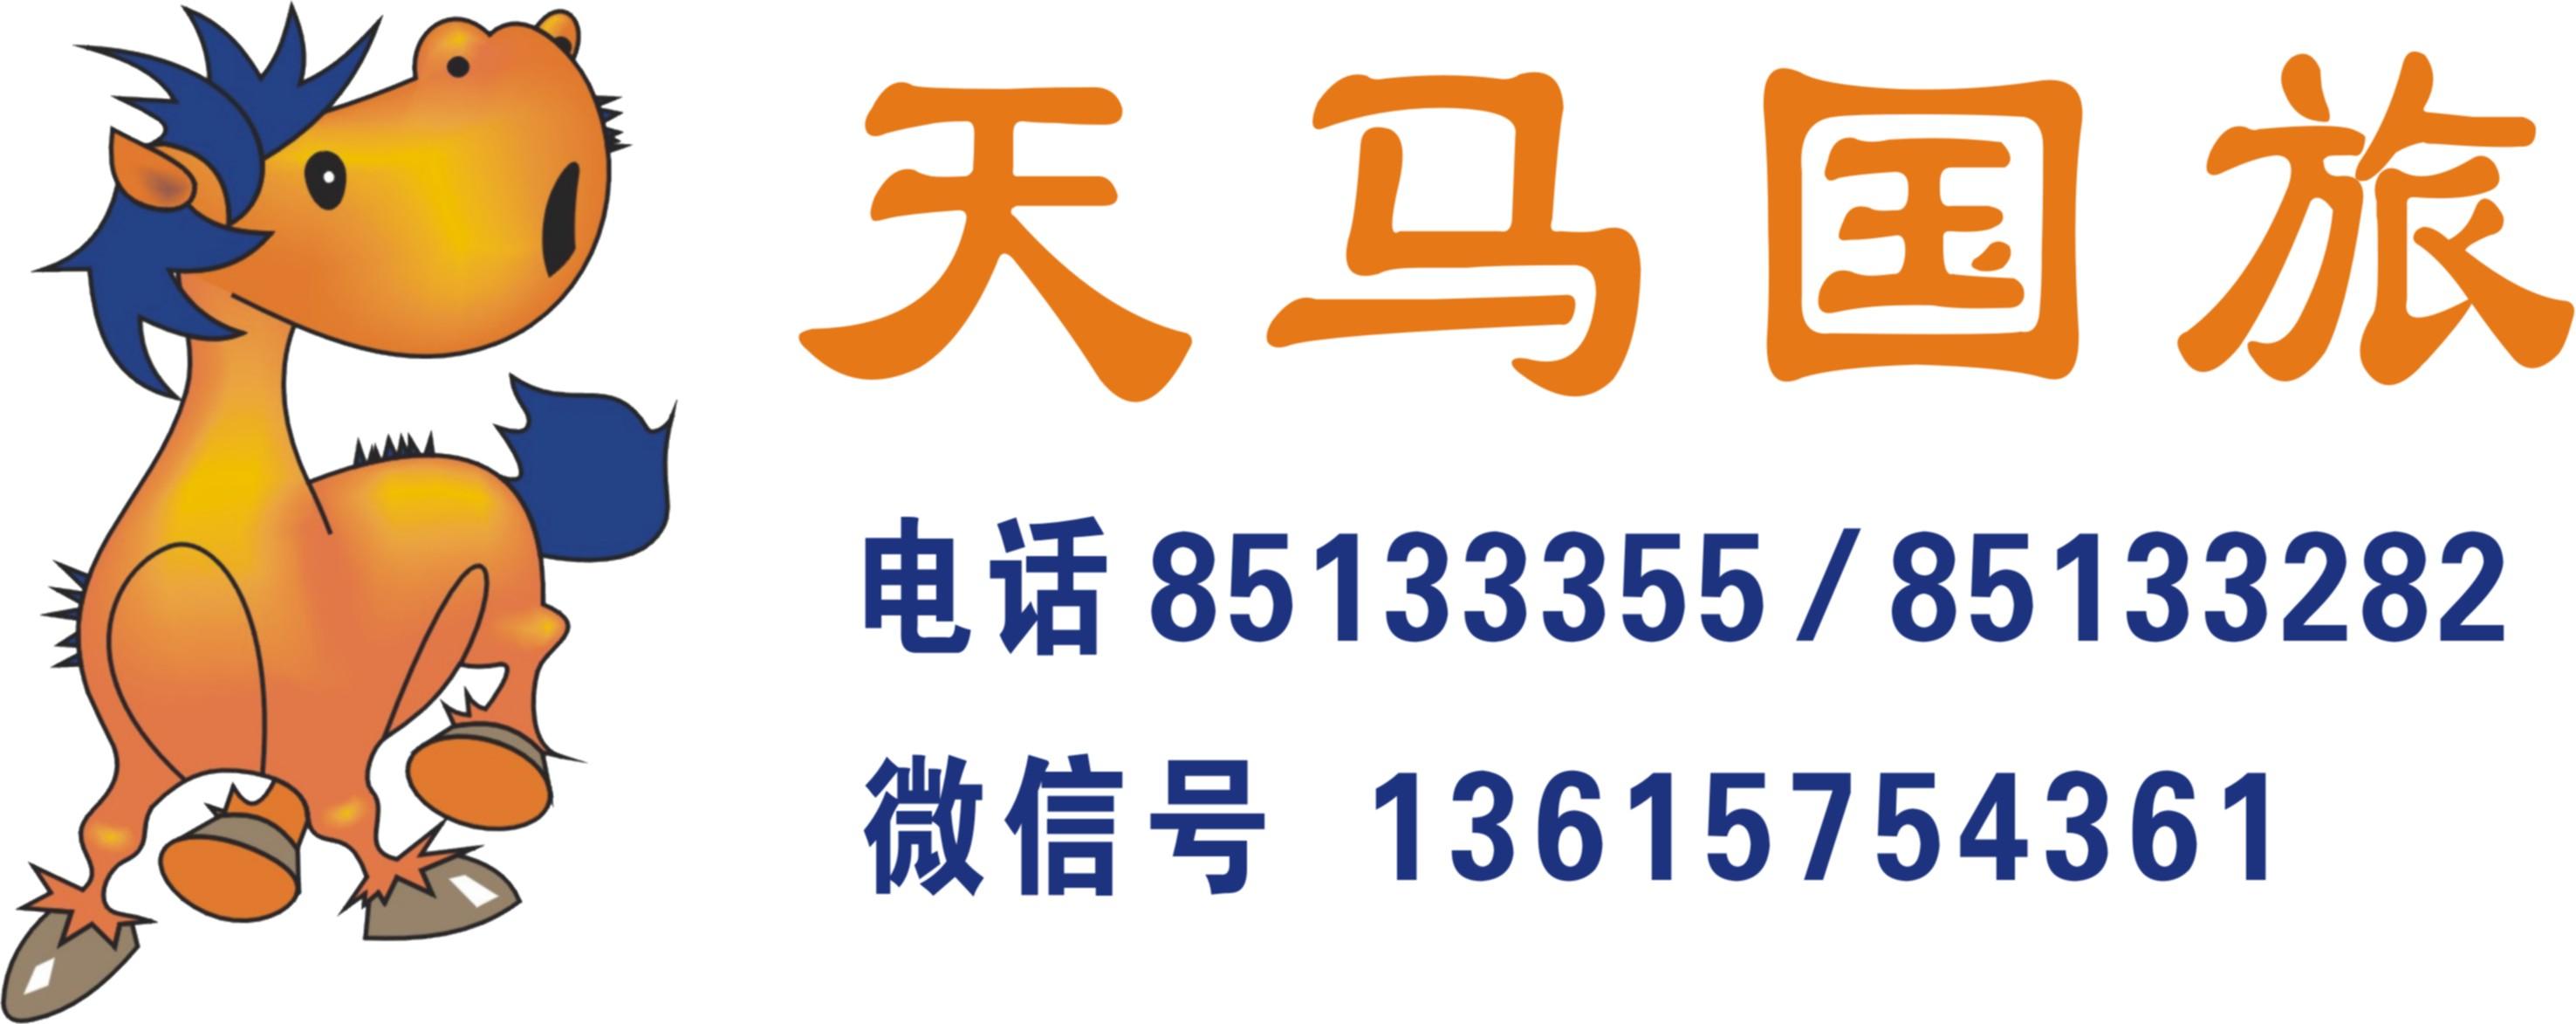 5月【享游皇城 北京品质纯玩双高五日】商务酒店 涮肉 升旗